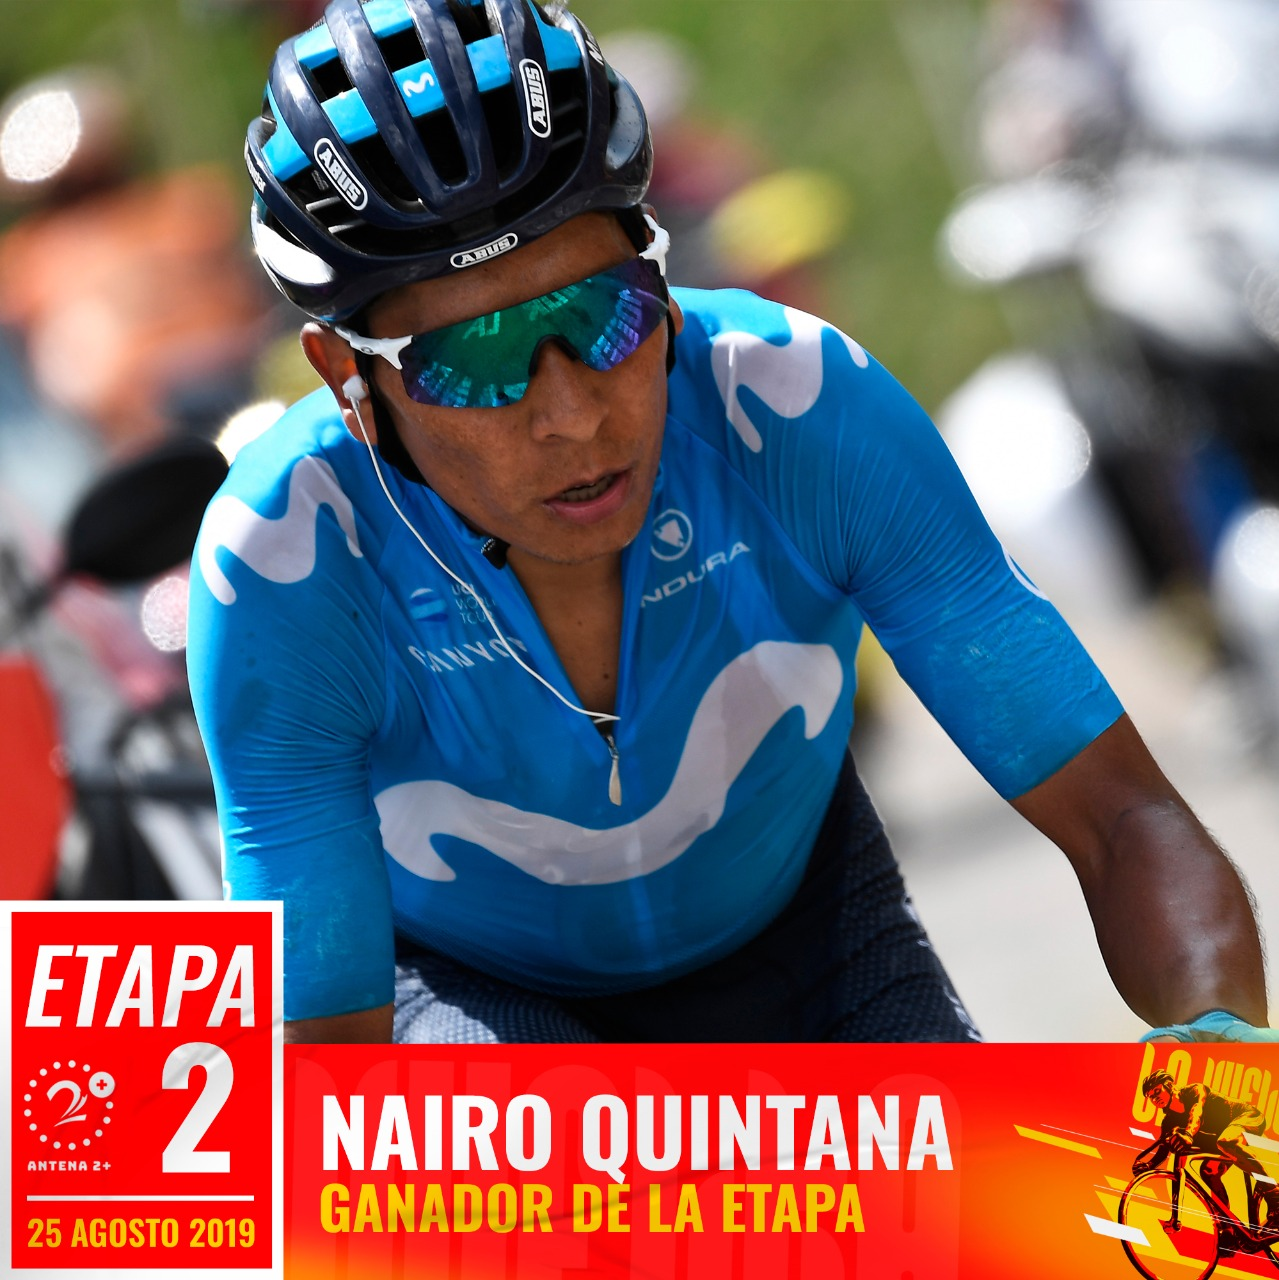 Nairo Quintana - segunda etapa de la Vuelta a España